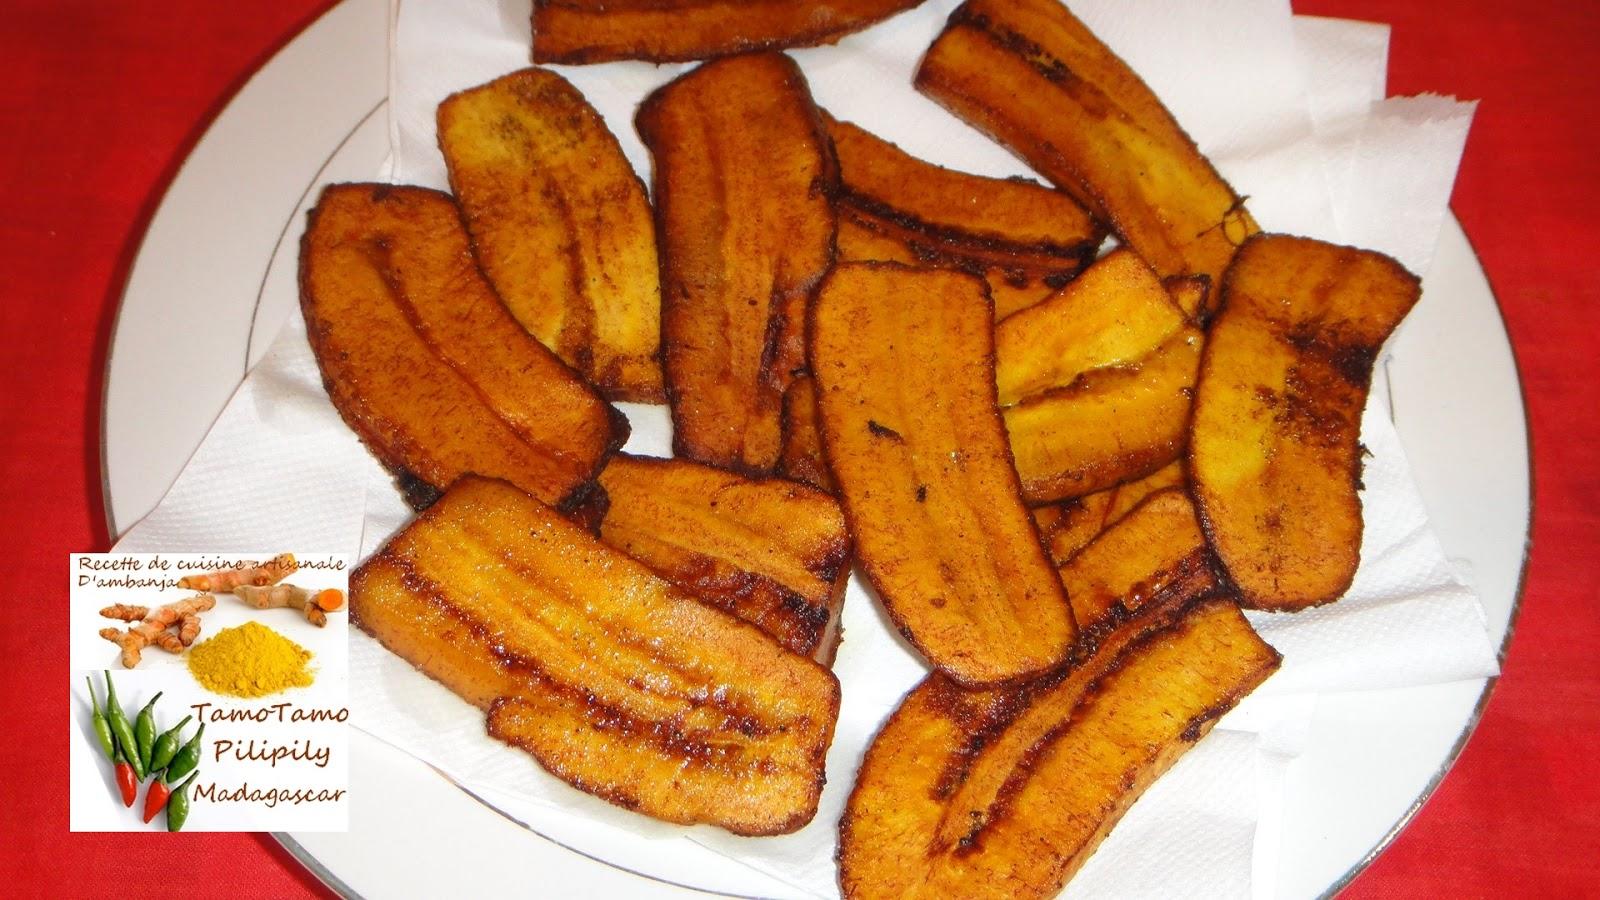 cuisine artisanale d'ambanja ( madagascar ): bananes plantain frits